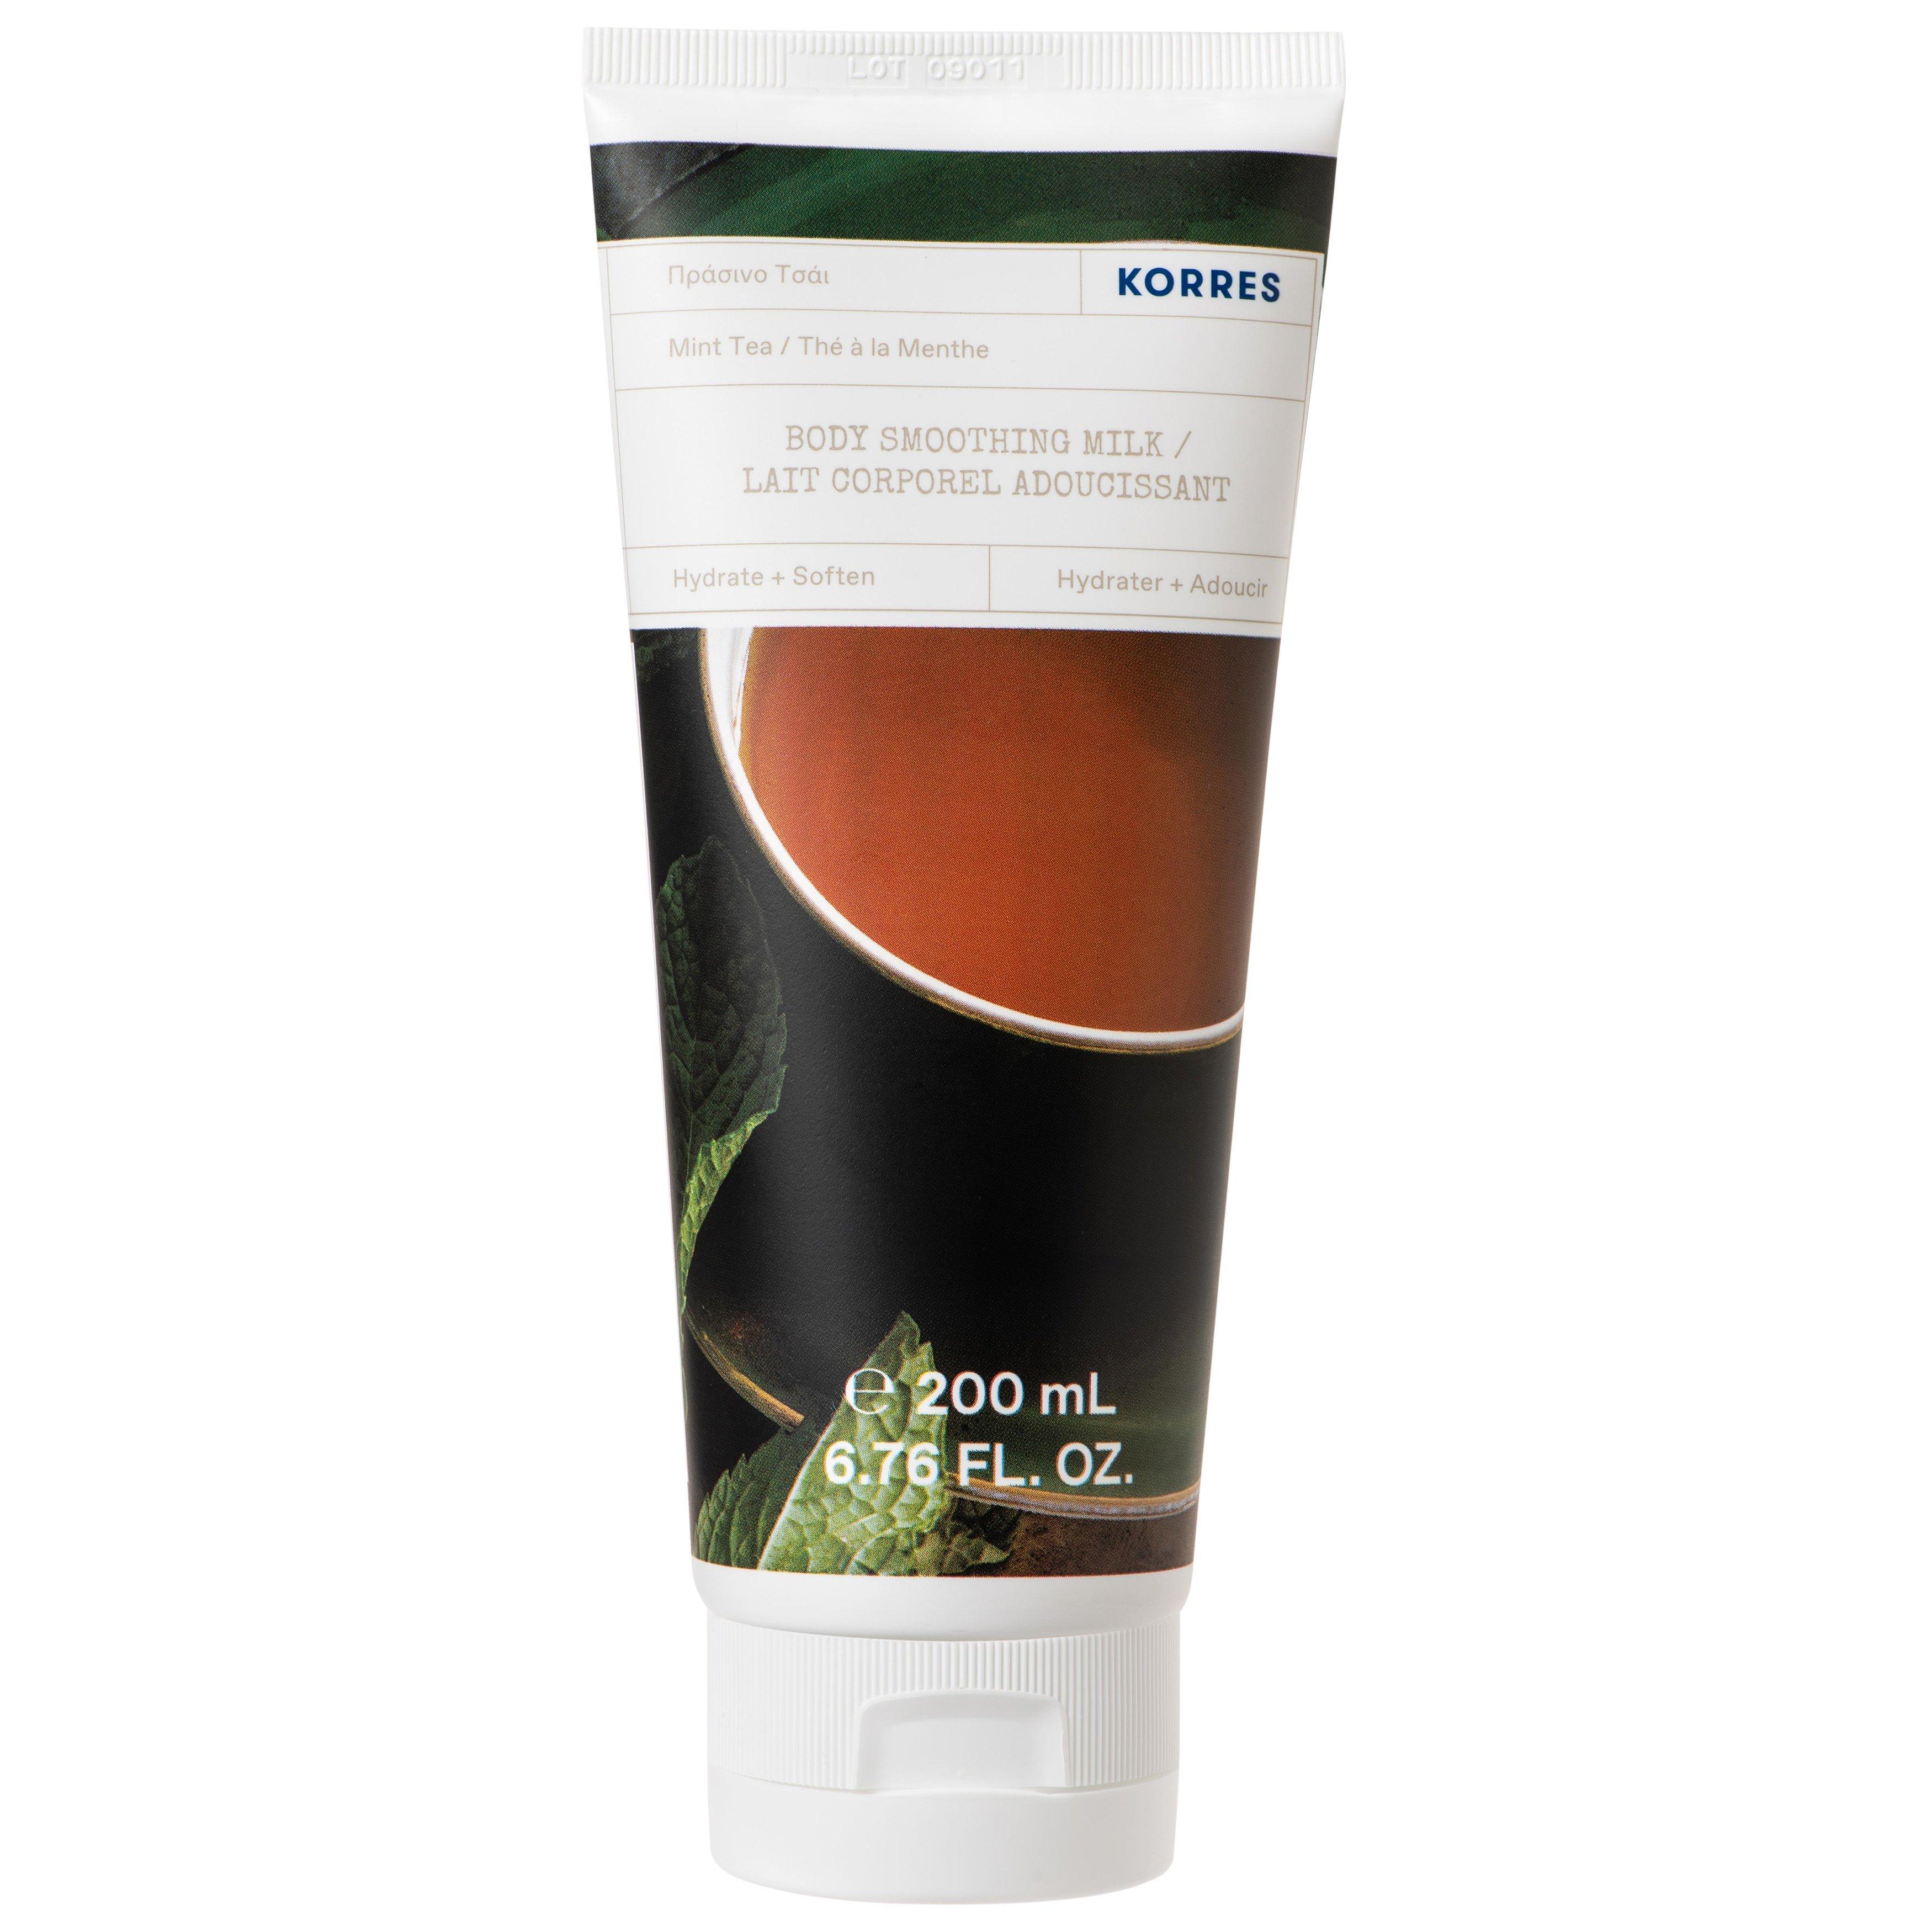 Korres Mint Tea Body Smoothing Milk Ενυδατικό Γαλάκτωμα Σώματος με Δροσερό Άρωμα Πράσινο Τσάι 200ml